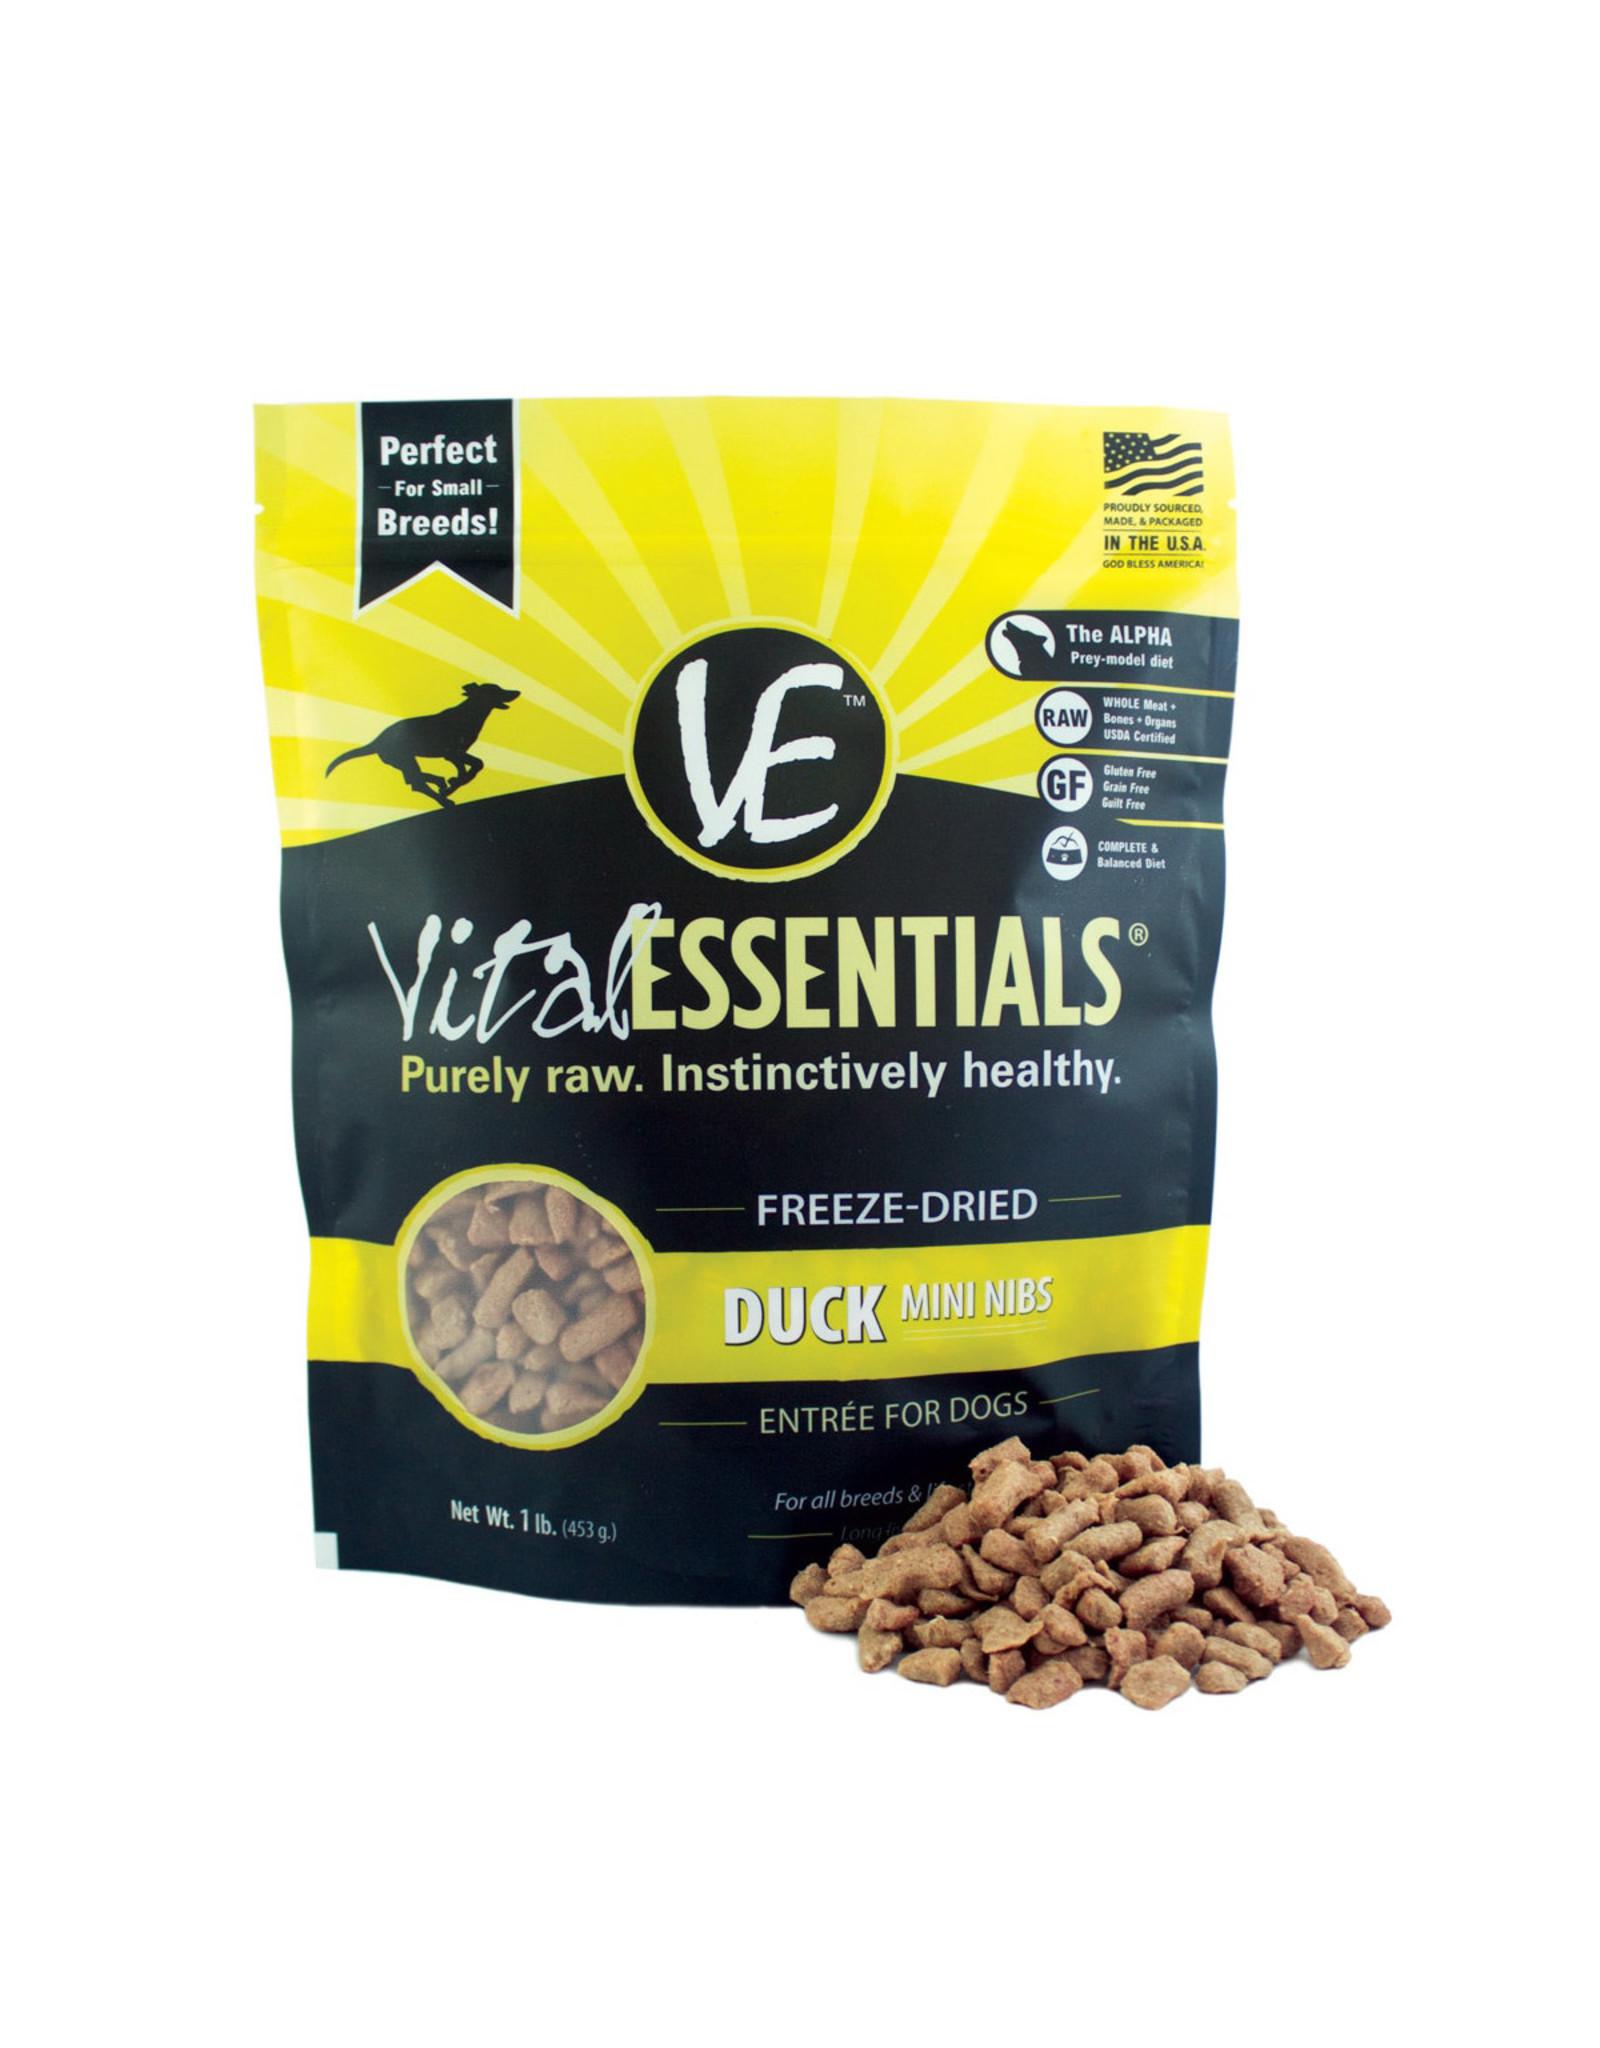 Vital Essentials VITAL ESSENTIALS FREEZE-DRIED DUCK MINI NIBS ENTRÉE FOR DOGS 1LB